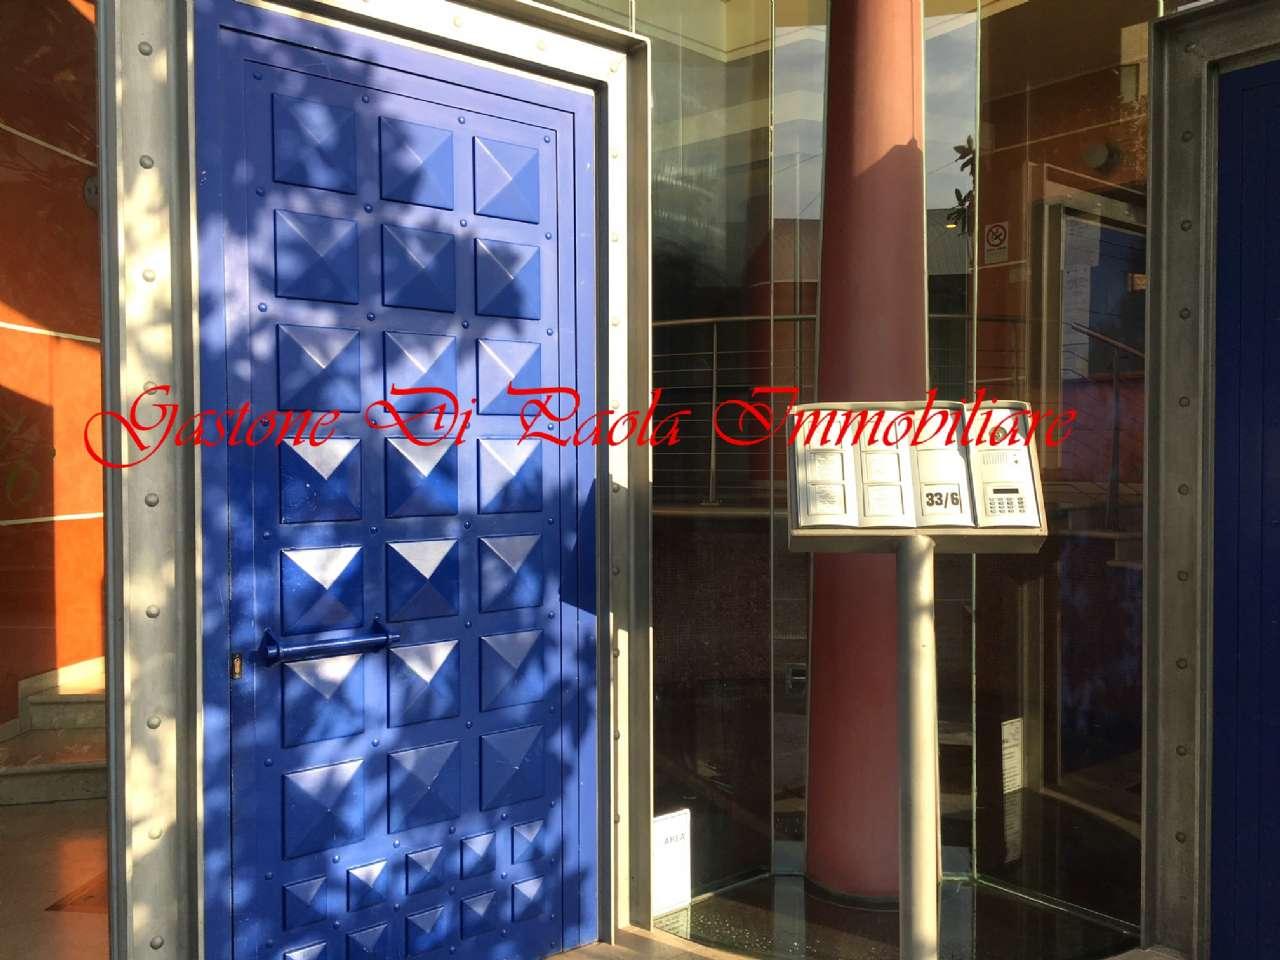 Appartamento in vendita 2 vani 67 mq.  via biondelli Milano